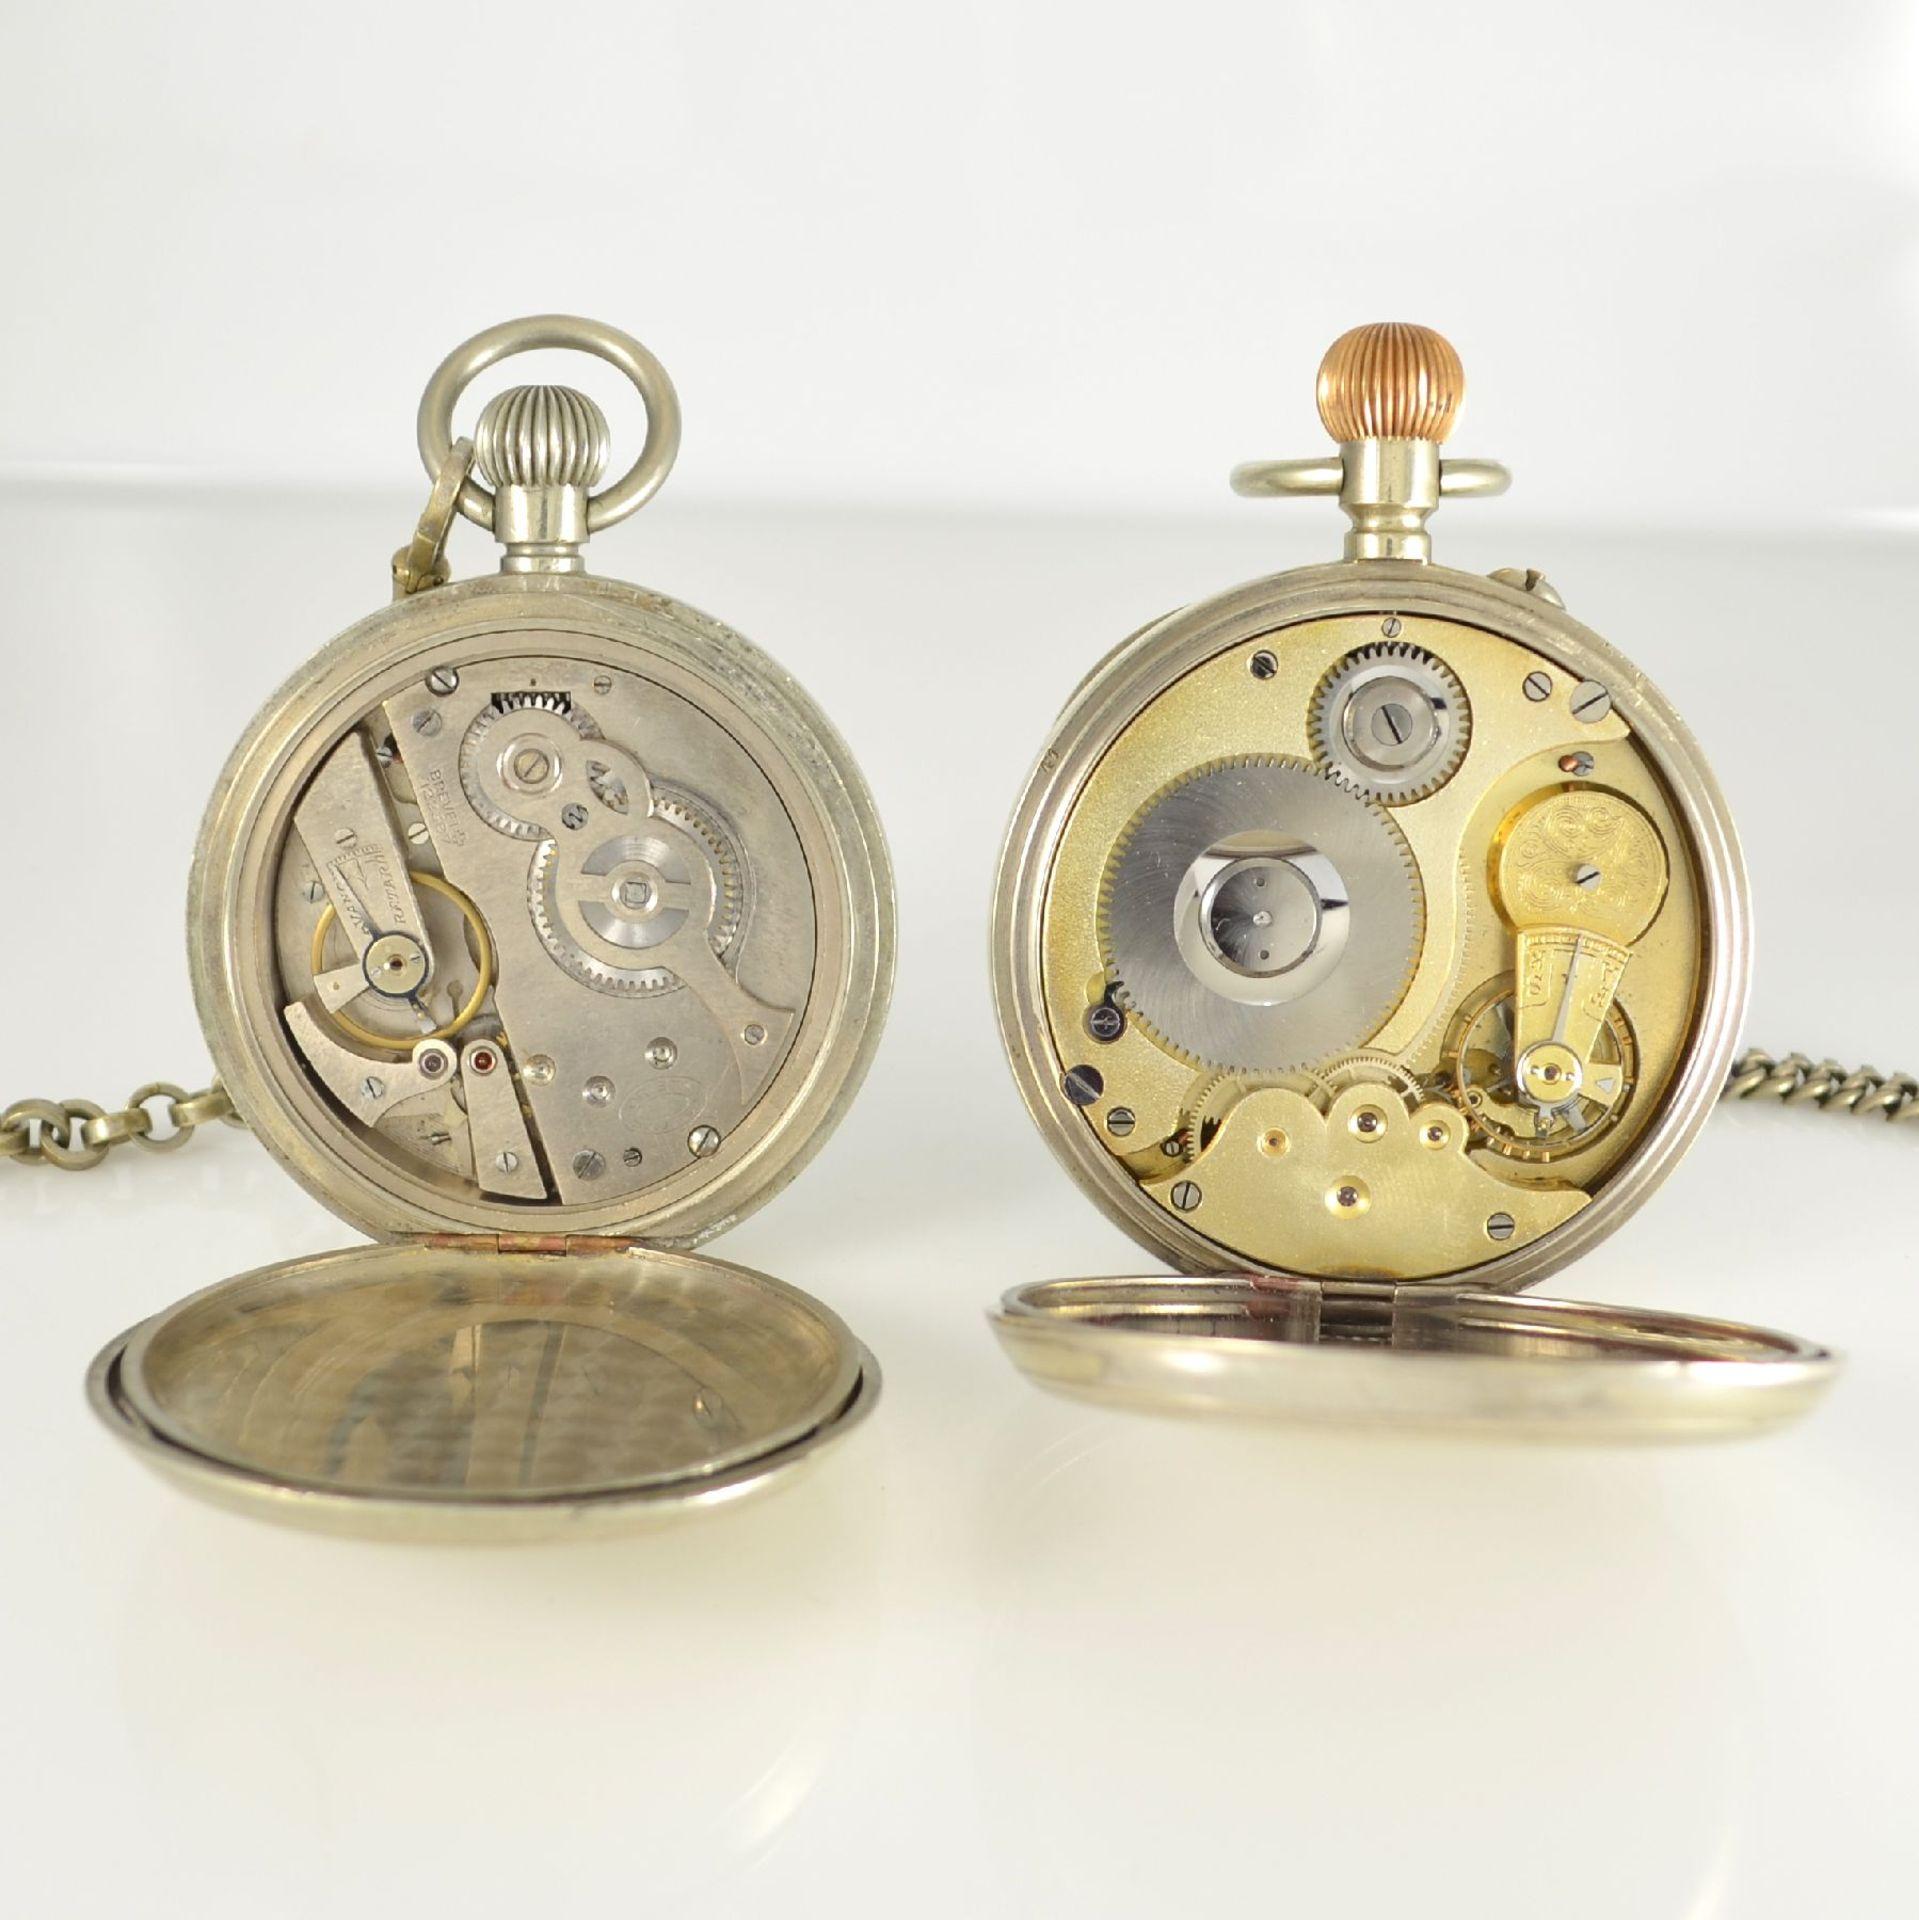 Konvolut: 2 große Herrentaschenuhren, Schweiz um 1900, beide Nickelgehäuse, mit Emailzifferbl. & - Bild 5 aus 5